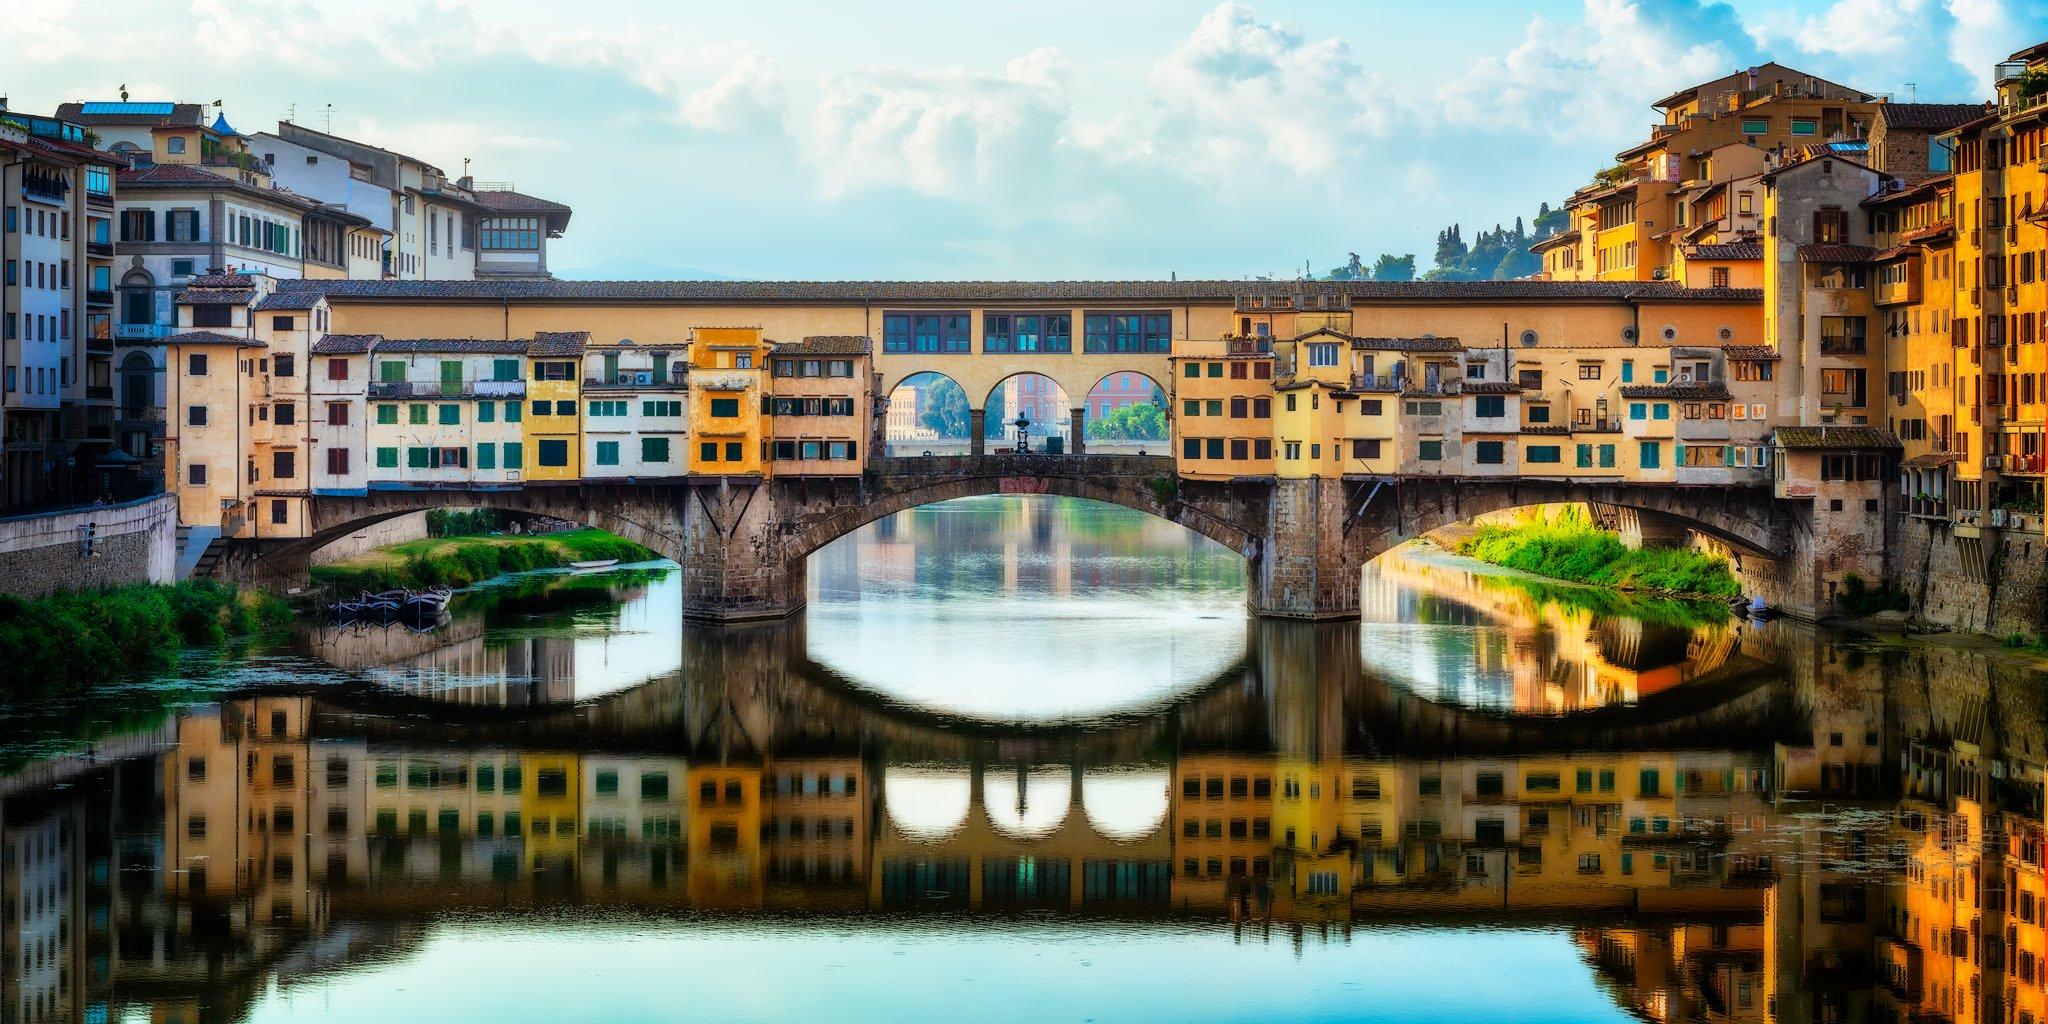 Ponte Vecchio | Florencja, Włochy